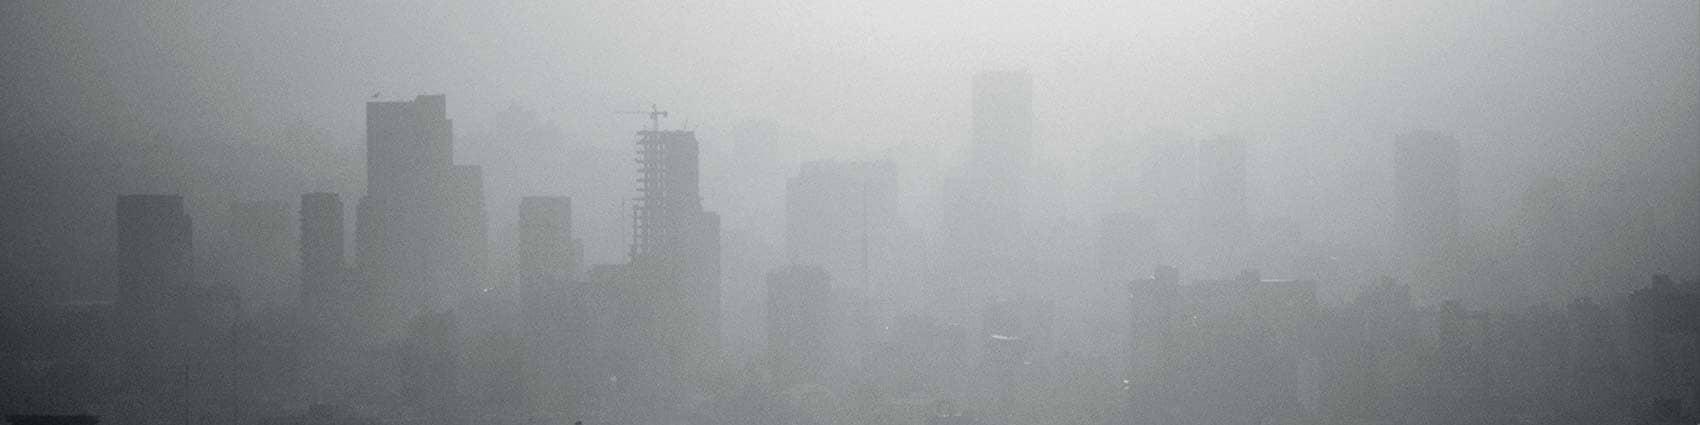 Jak polityka krajowa może zadbać o czyste powietrze? | Ochrona środowiska | Smog | Zanieczyszczenie powietrza